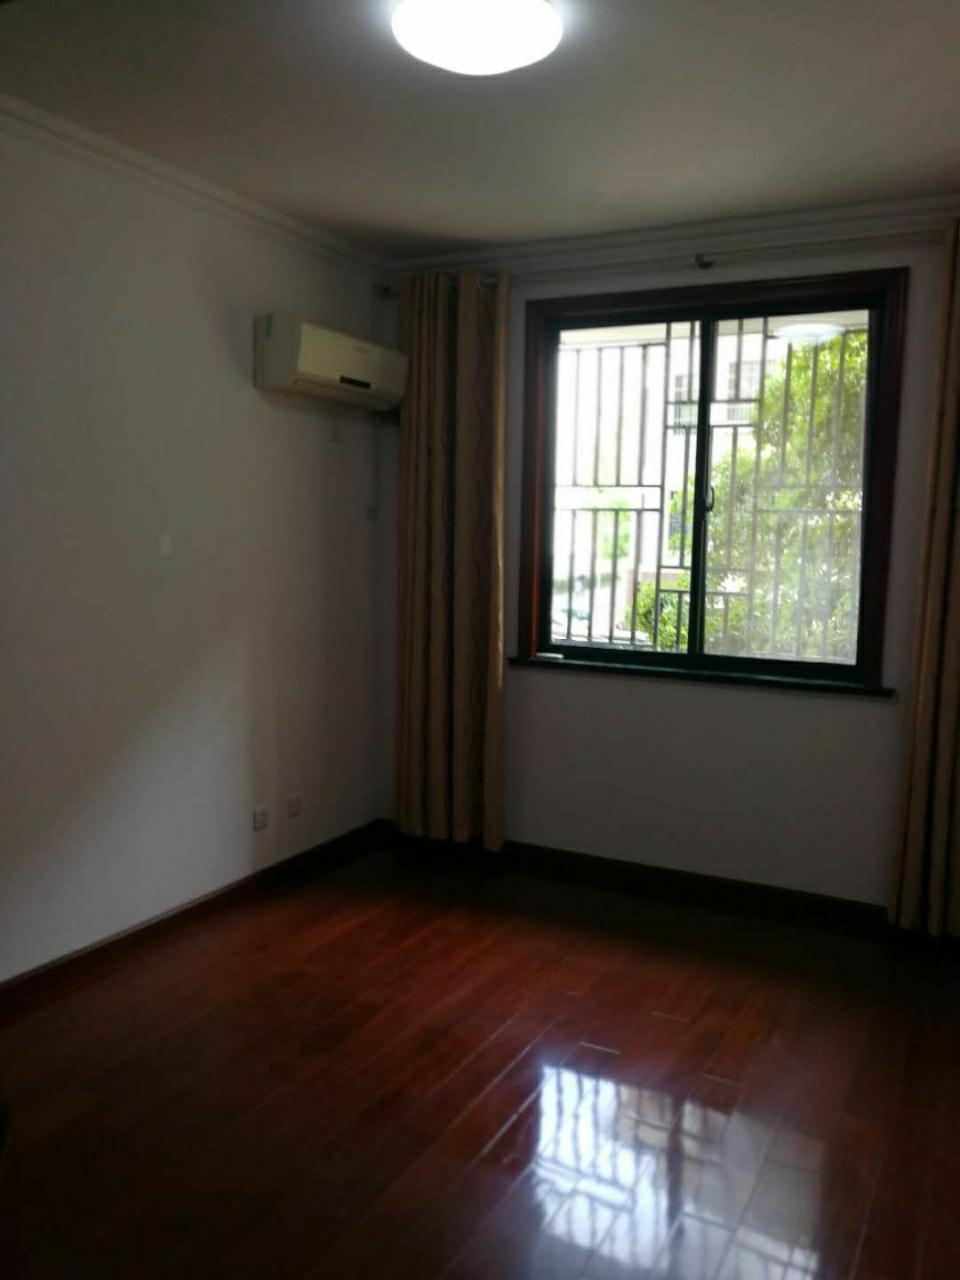 中坤苑124平米3室2厅2卫106万元随时看房